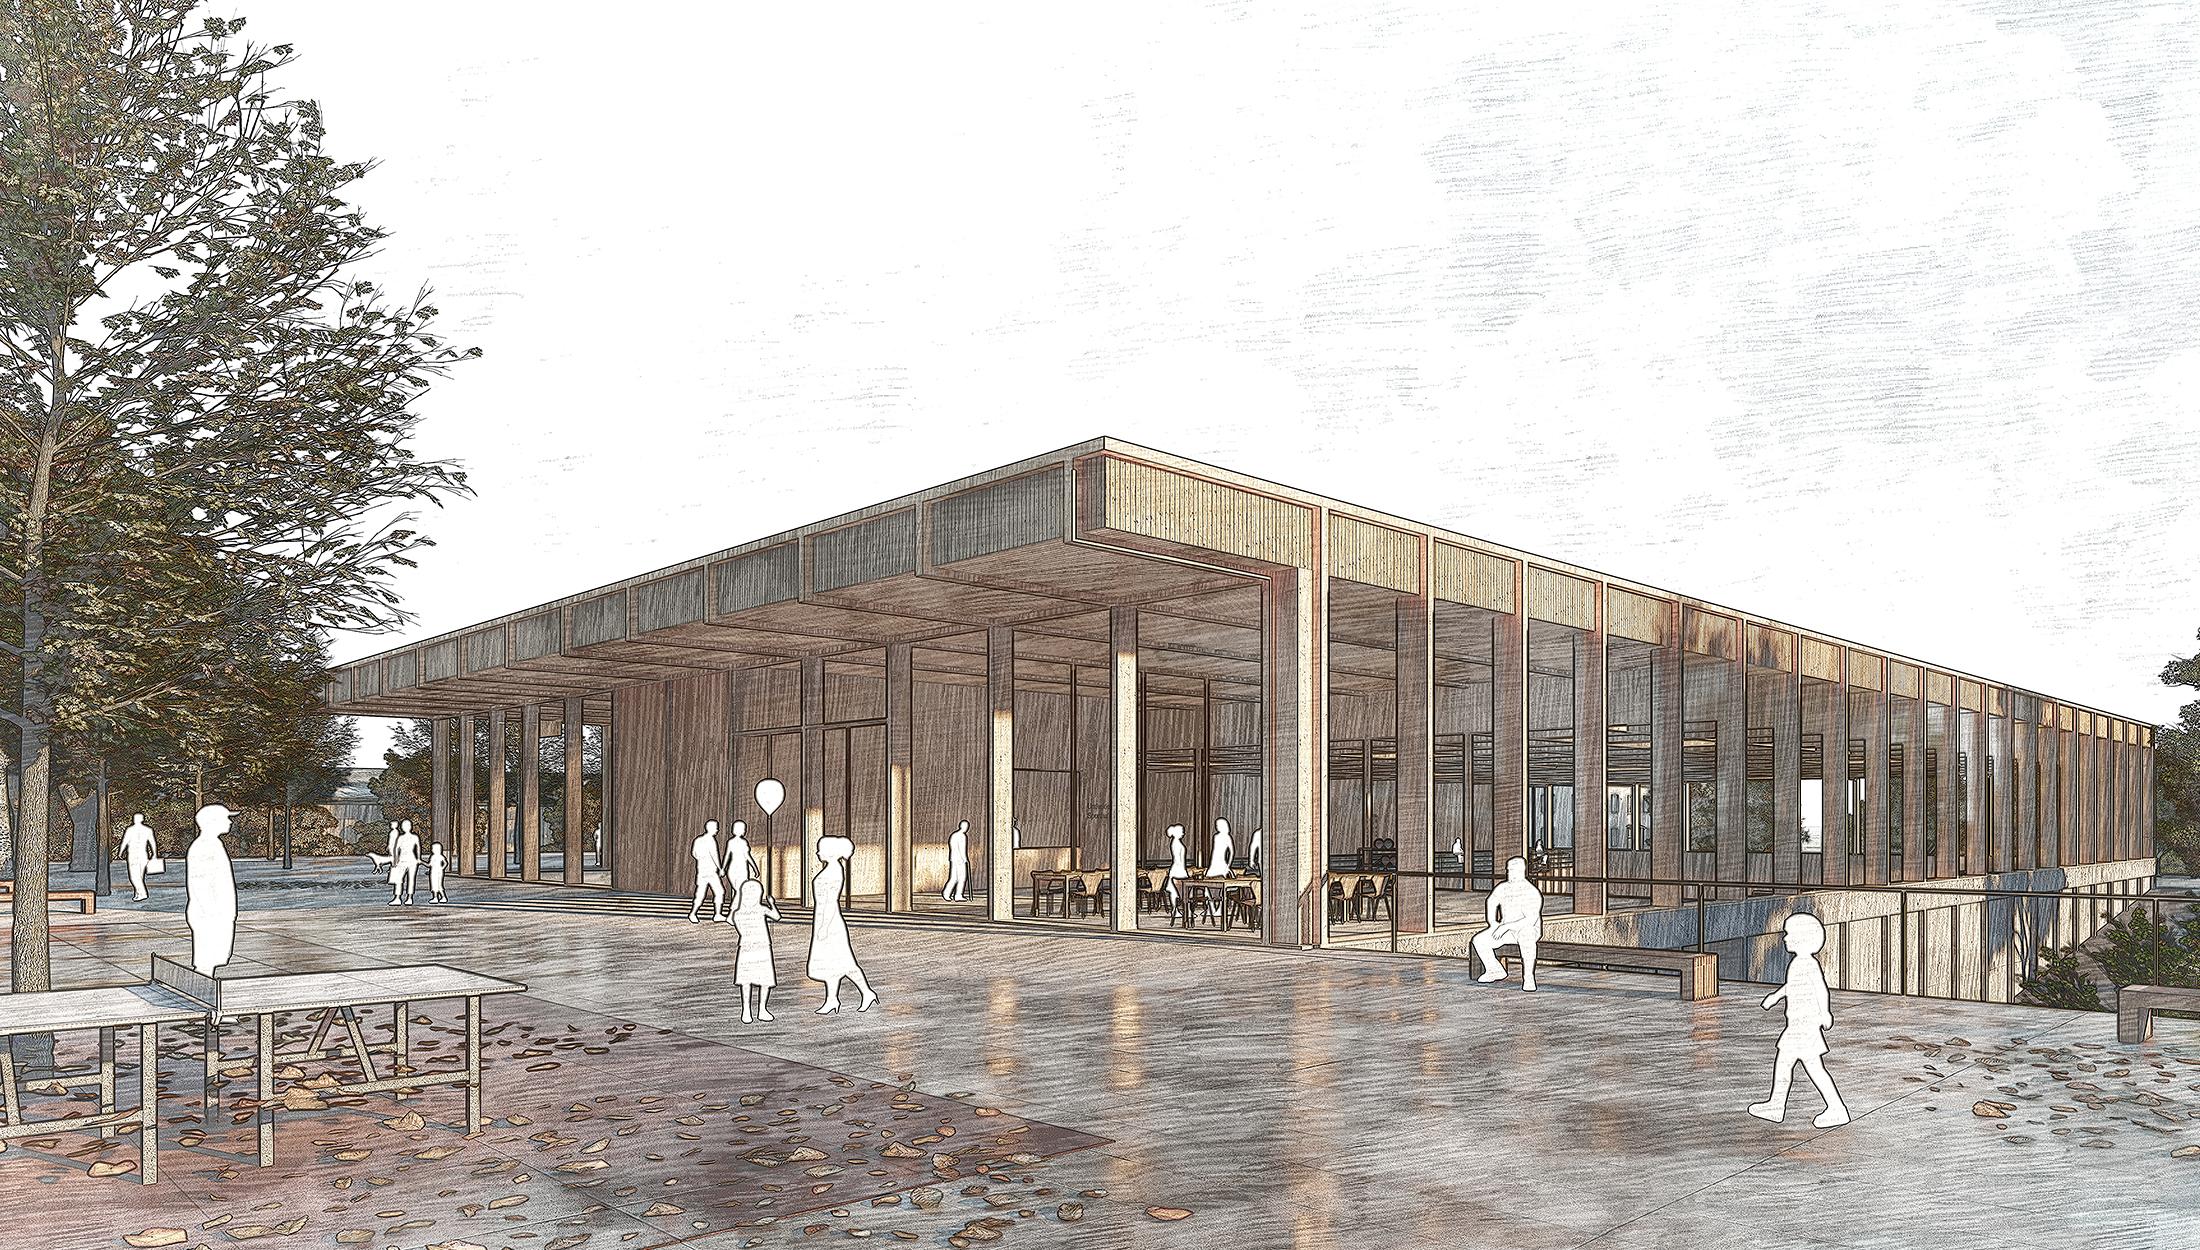 2021, Ersatzneubau Sporthalle & Generalsanierung Hallenbad, Loßburg